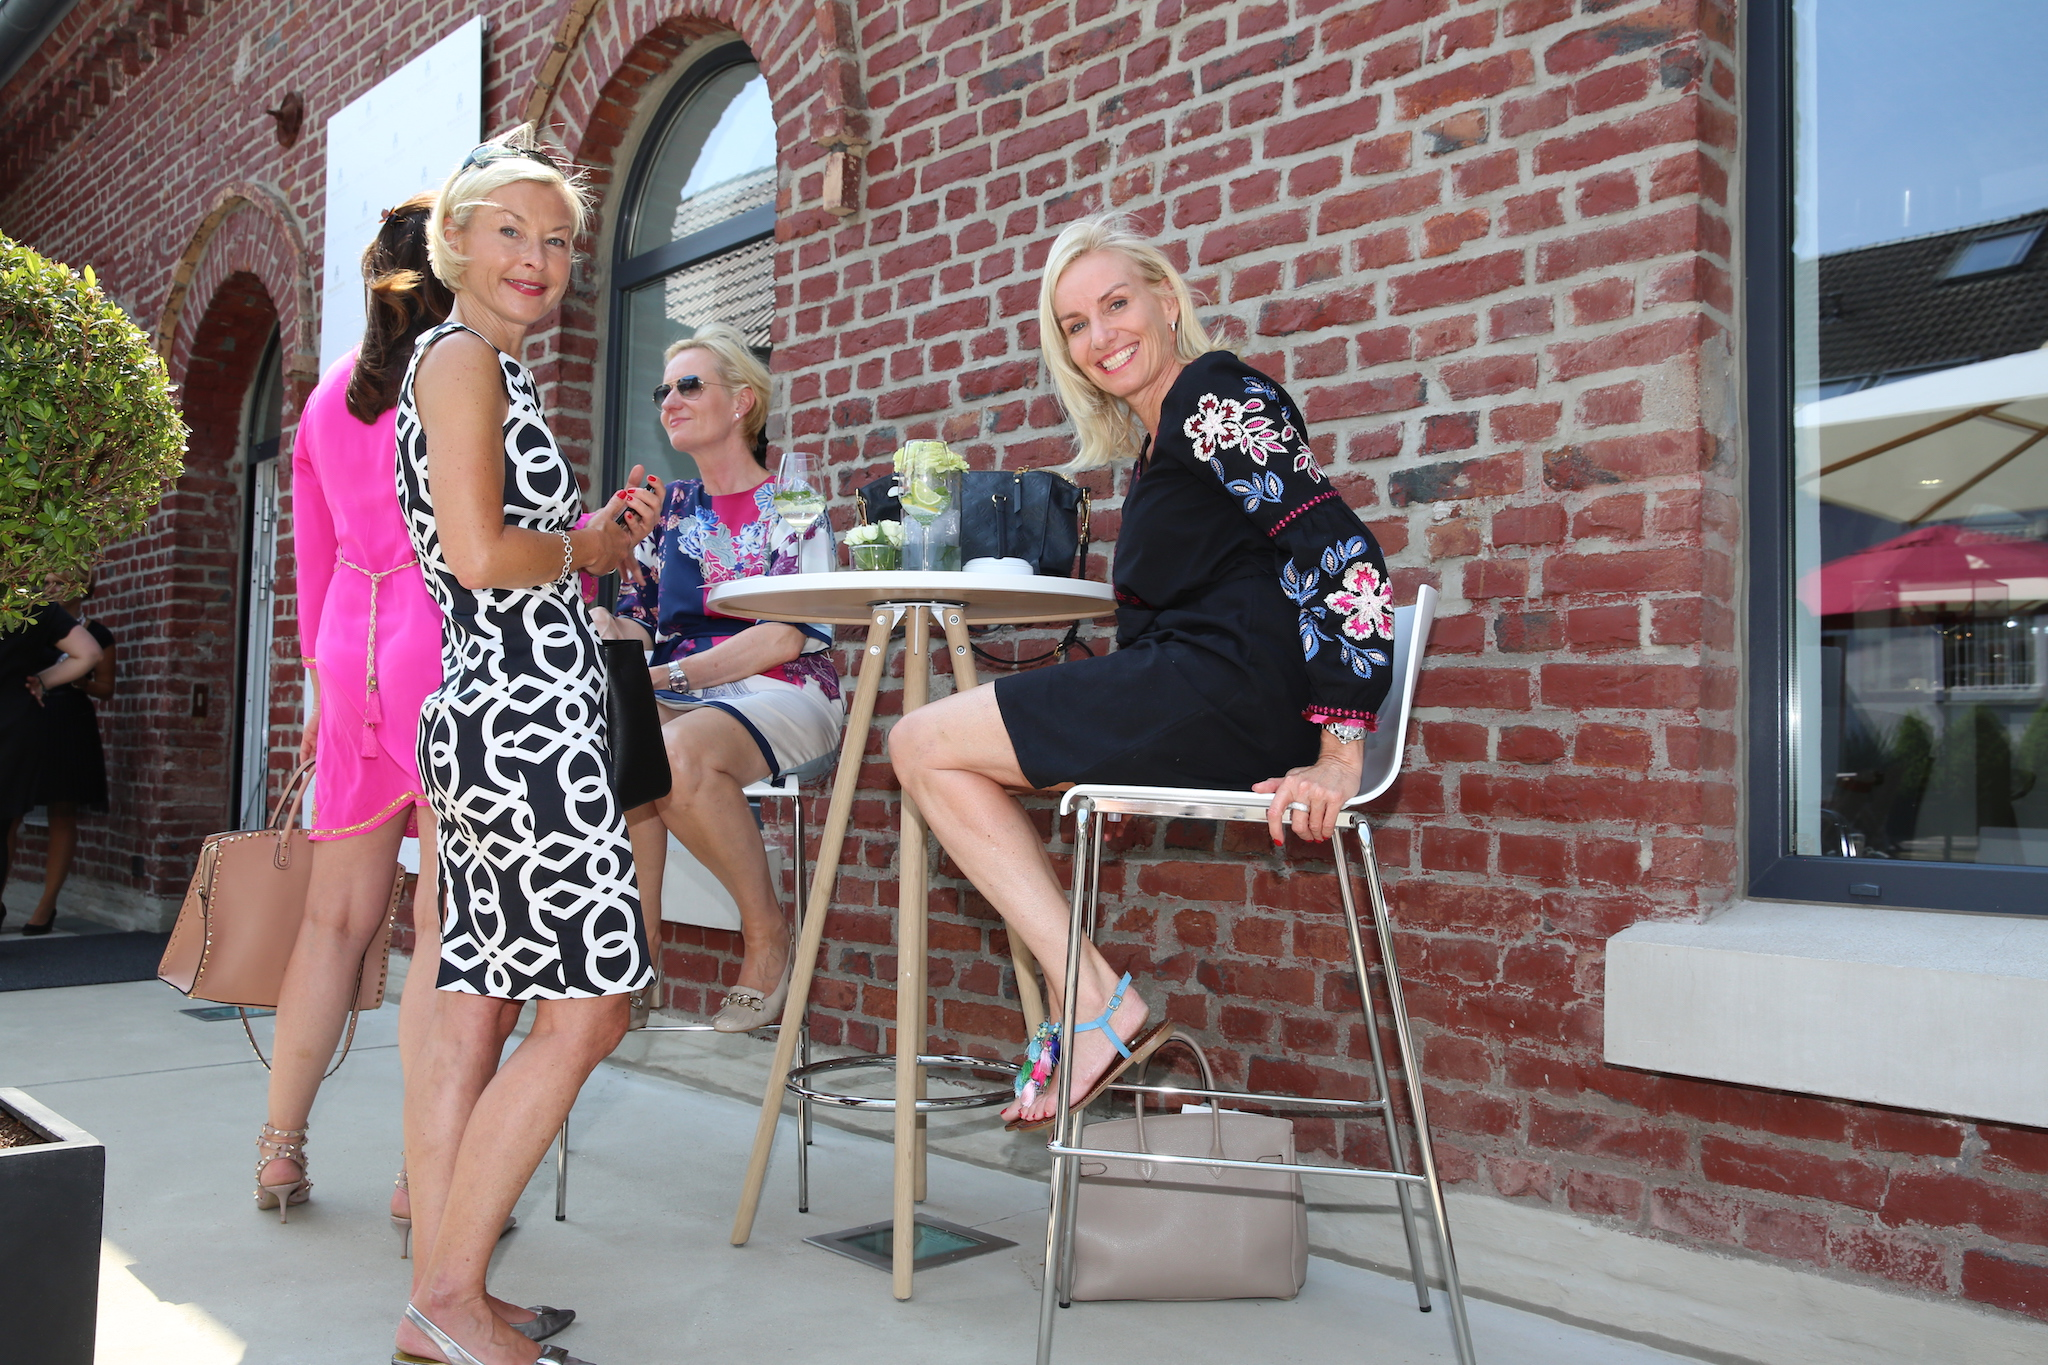 Brauksiepe Goldschmiedemanufaktur, Ladies Lunch Essen, Eva Martini, Petra Schlösser, Lifestyle-Blog, Lieblingsstil.com,4,